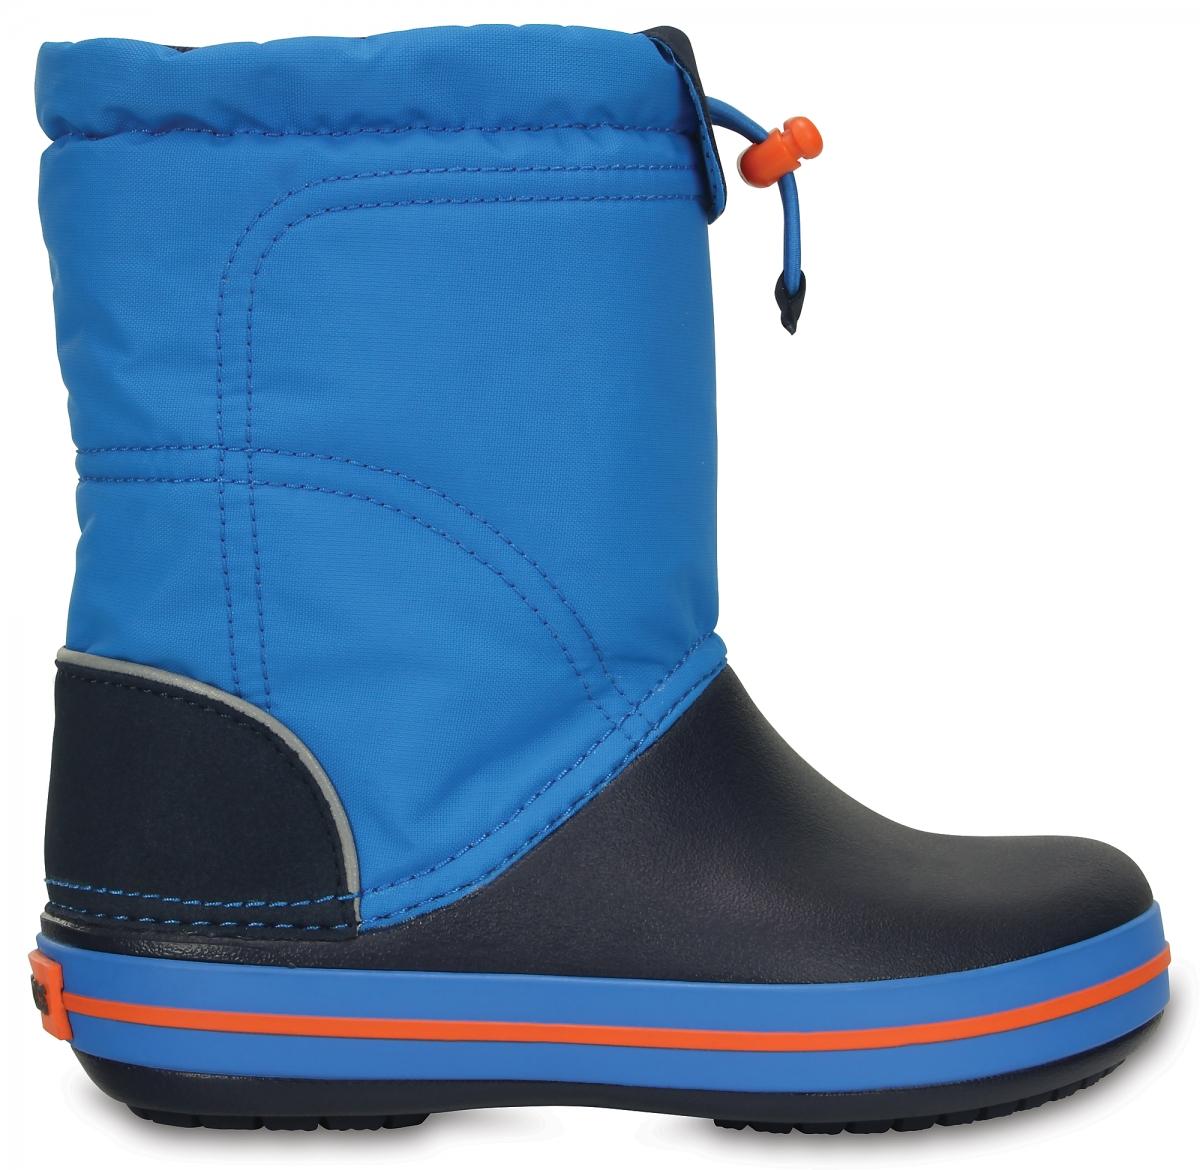 Crocs Crocband LodgePoint Boot Kids Ocean/Navy, C10 (27-28)